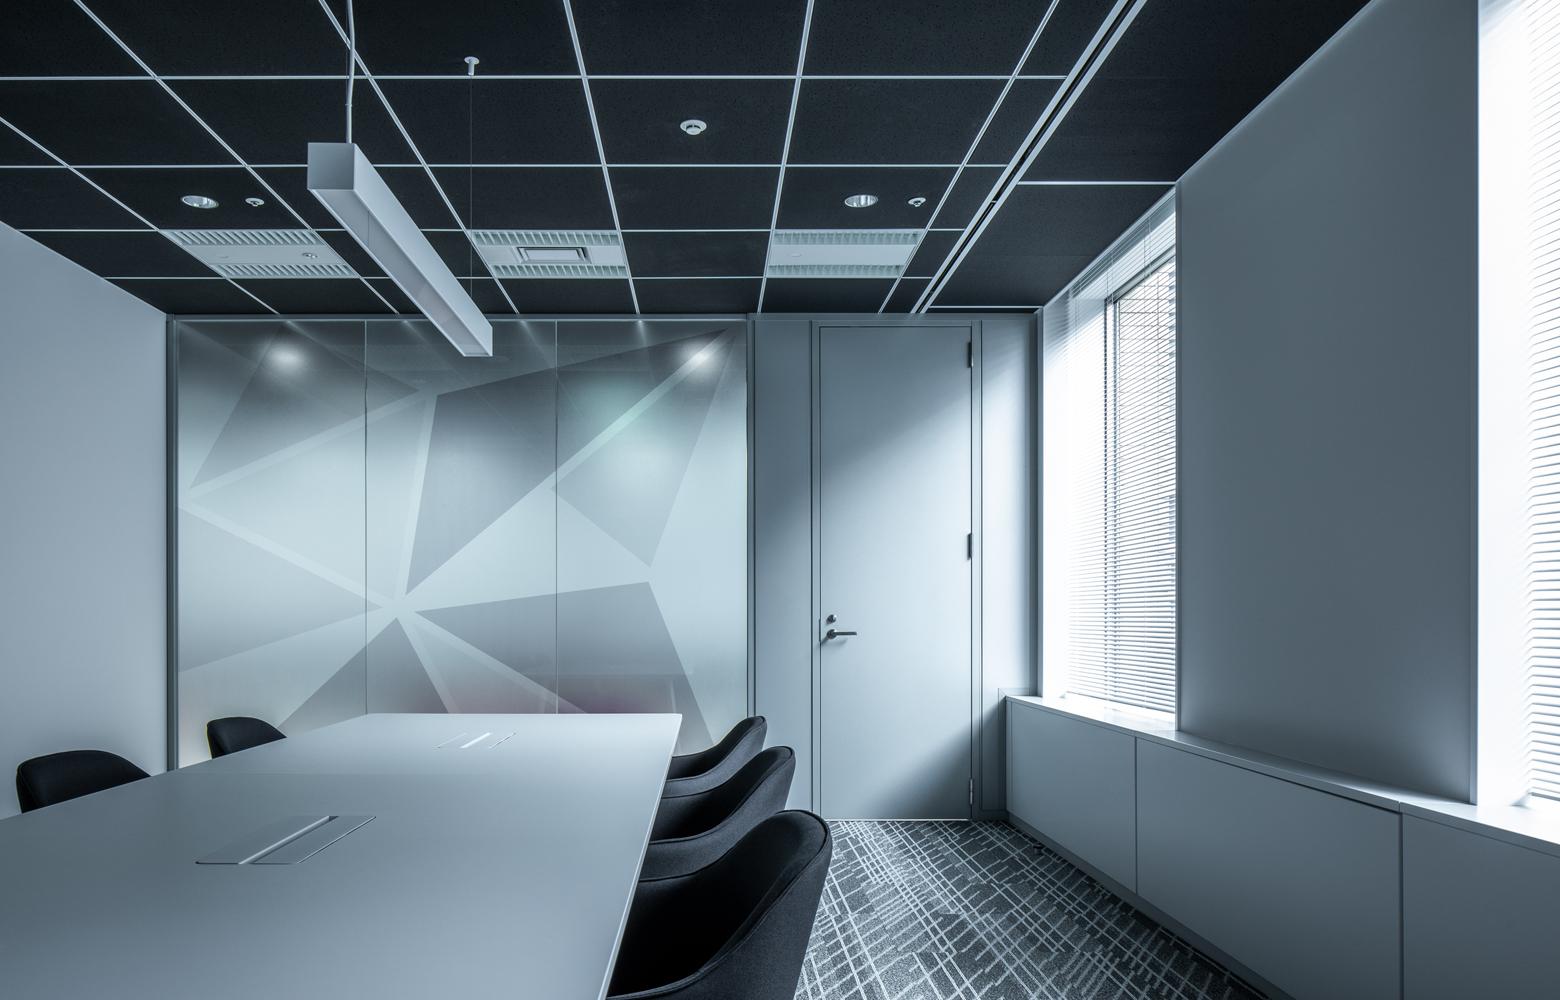 株式会社ビーネックスグループ Meeting Room_4 デザイン・レイアウト事例